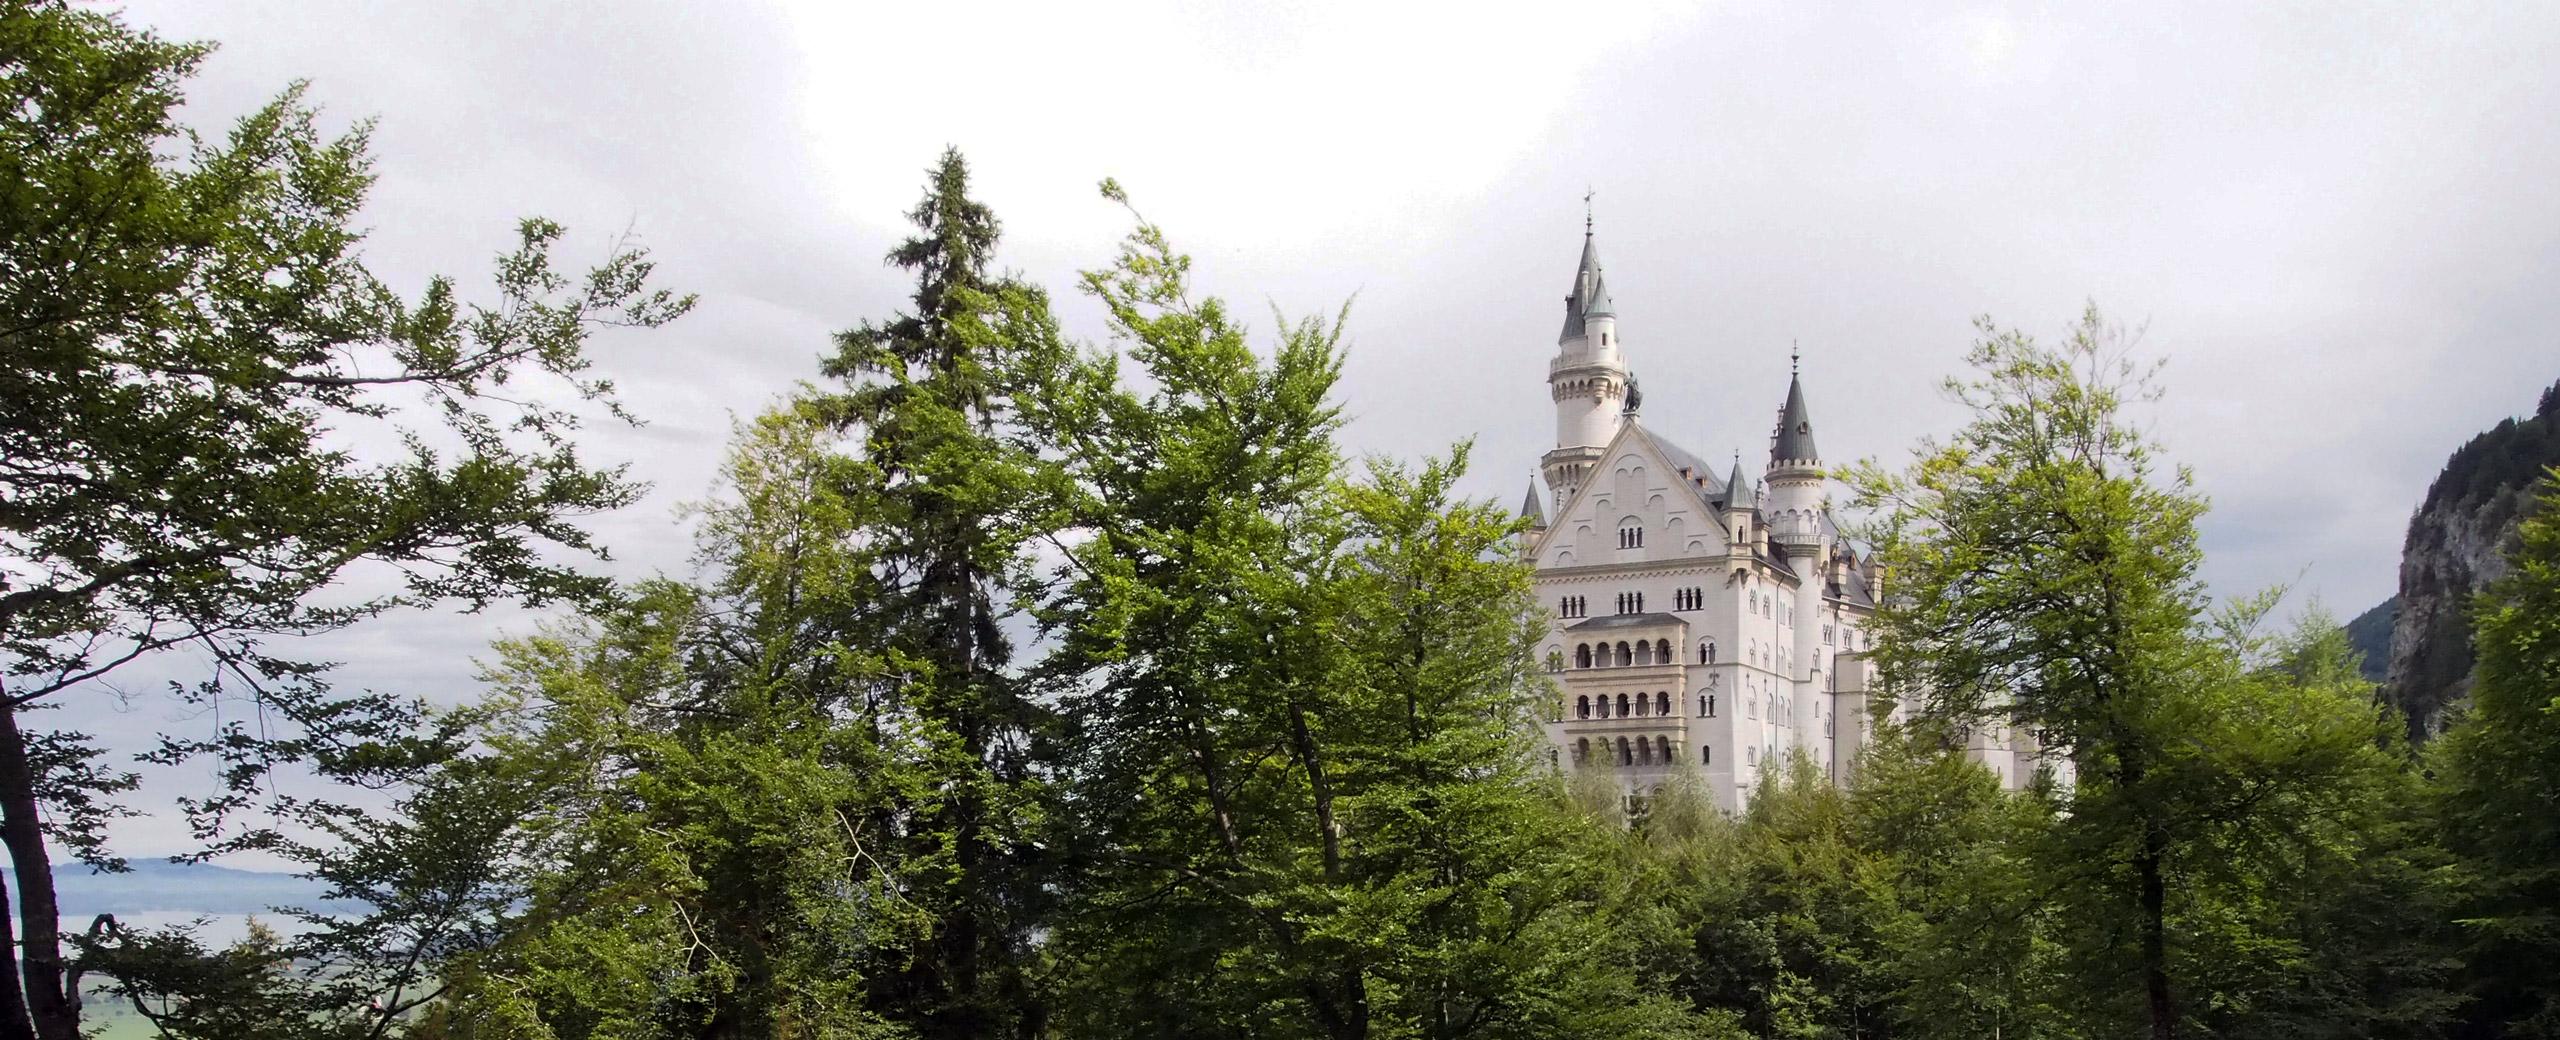 En güzel Peri Masalı Şatosu Neuschwanstein-ARABAYLA ROMANTİK YOL